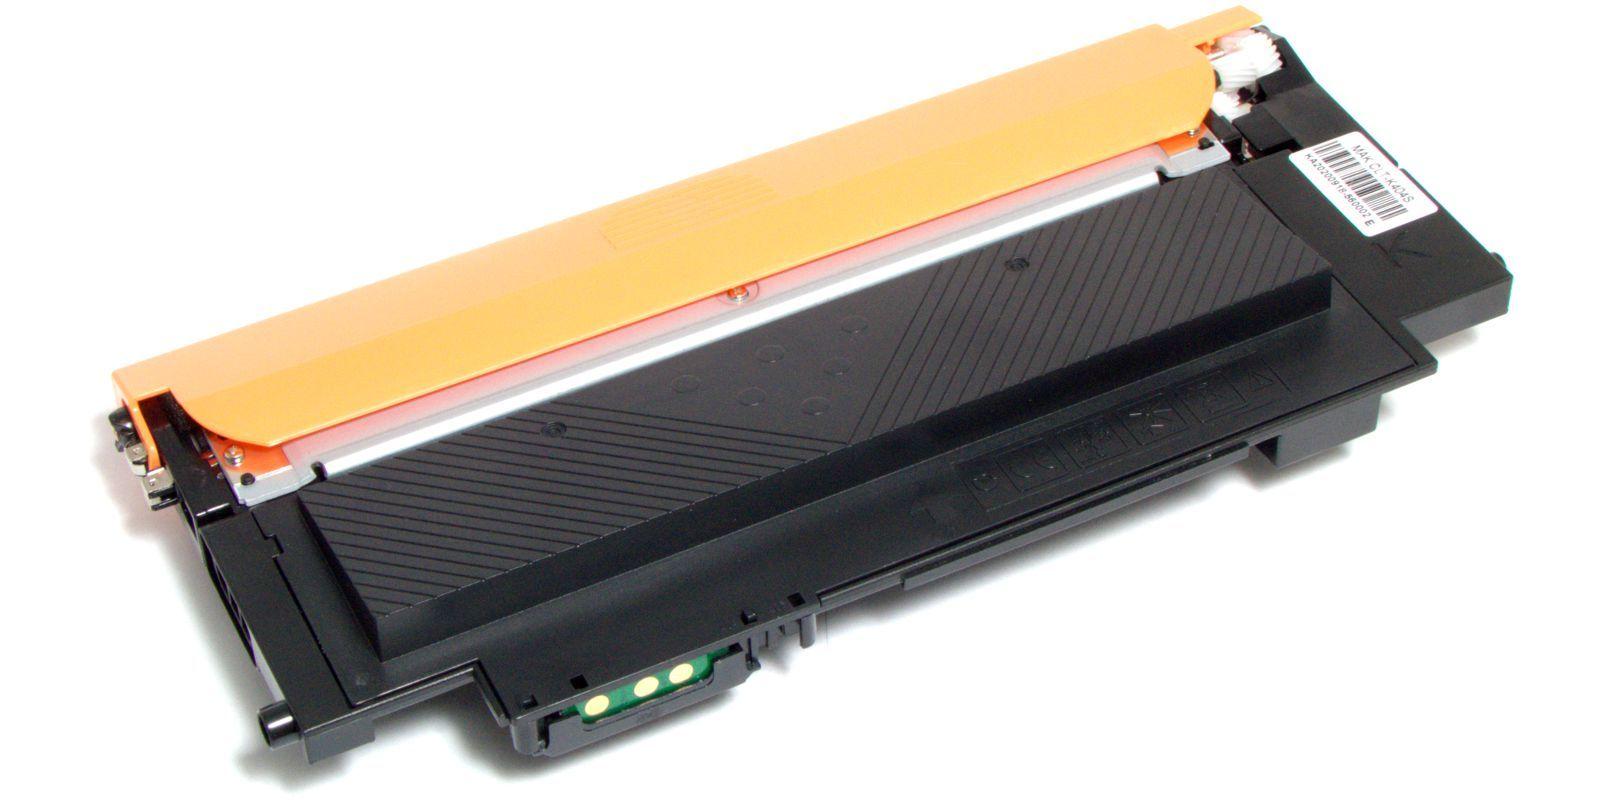 Картридж лазерный цветной MAK© CLT-M404S пурпурный (magenta), до 1000 стр.